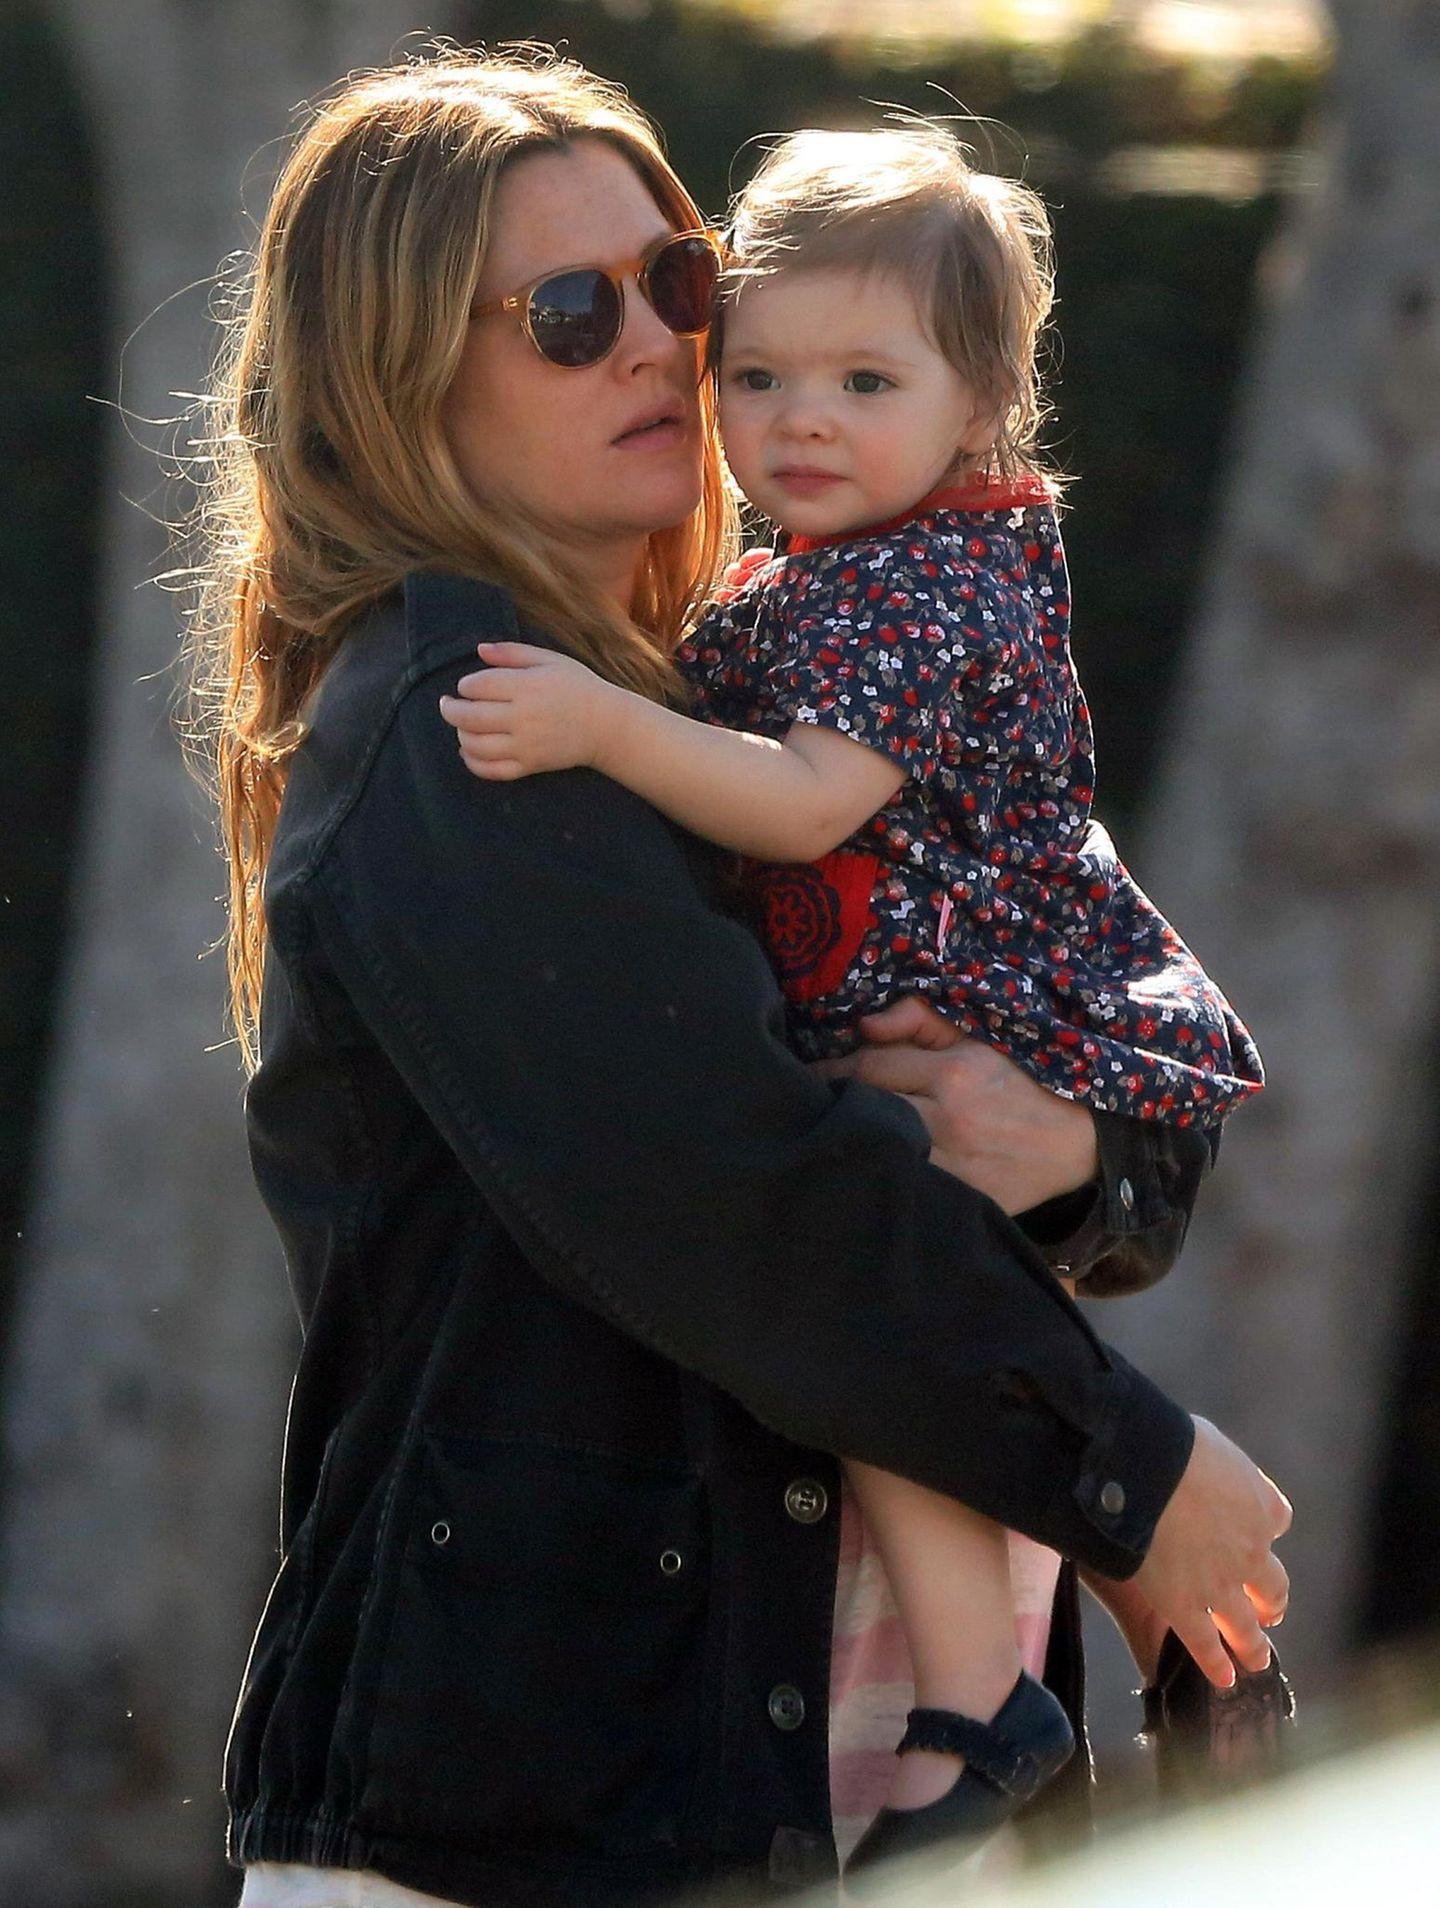 25. Januar 2014  Die schwangere Drew Barrymore ist gemeinsam mit Ehemann Will und Tochter Olive zum Shopping in West Hollywood unterwegs. Trotz rundem Kugelbauch trägt Drew Barrymore Olive auf dem Arm.